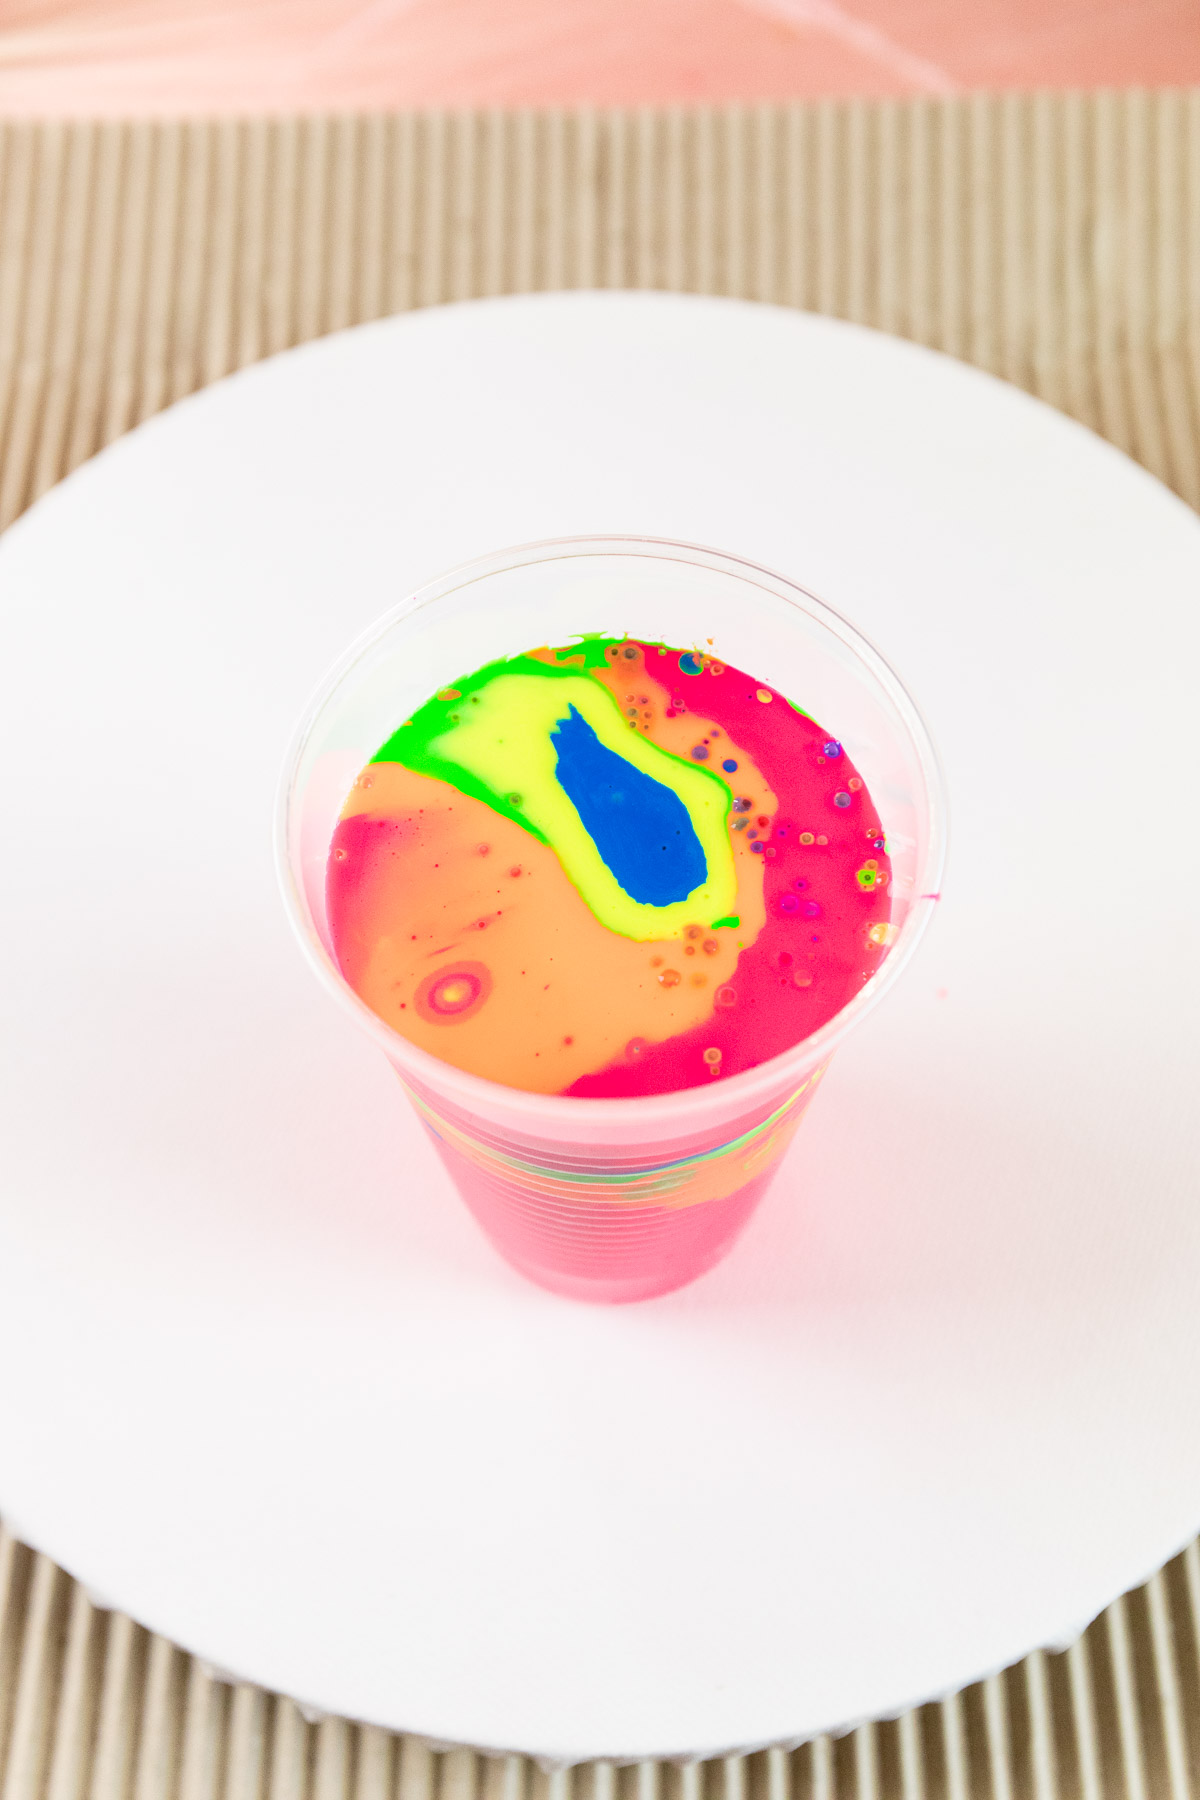 Acrylfarbe giessen - auch Acrylic Pouring genannt - ist der neue DIY Trend. Mit der neuen Fliesstechnik kannst du Acrylfarbe auf die Leinwand giessen statt malen. Ich habe Acrylgiessen ausprobiert und alle wichtigen Tipps und tricks für Anfänger zusammengestellt. So geht Pouring Schritt für Schritt erklärt.